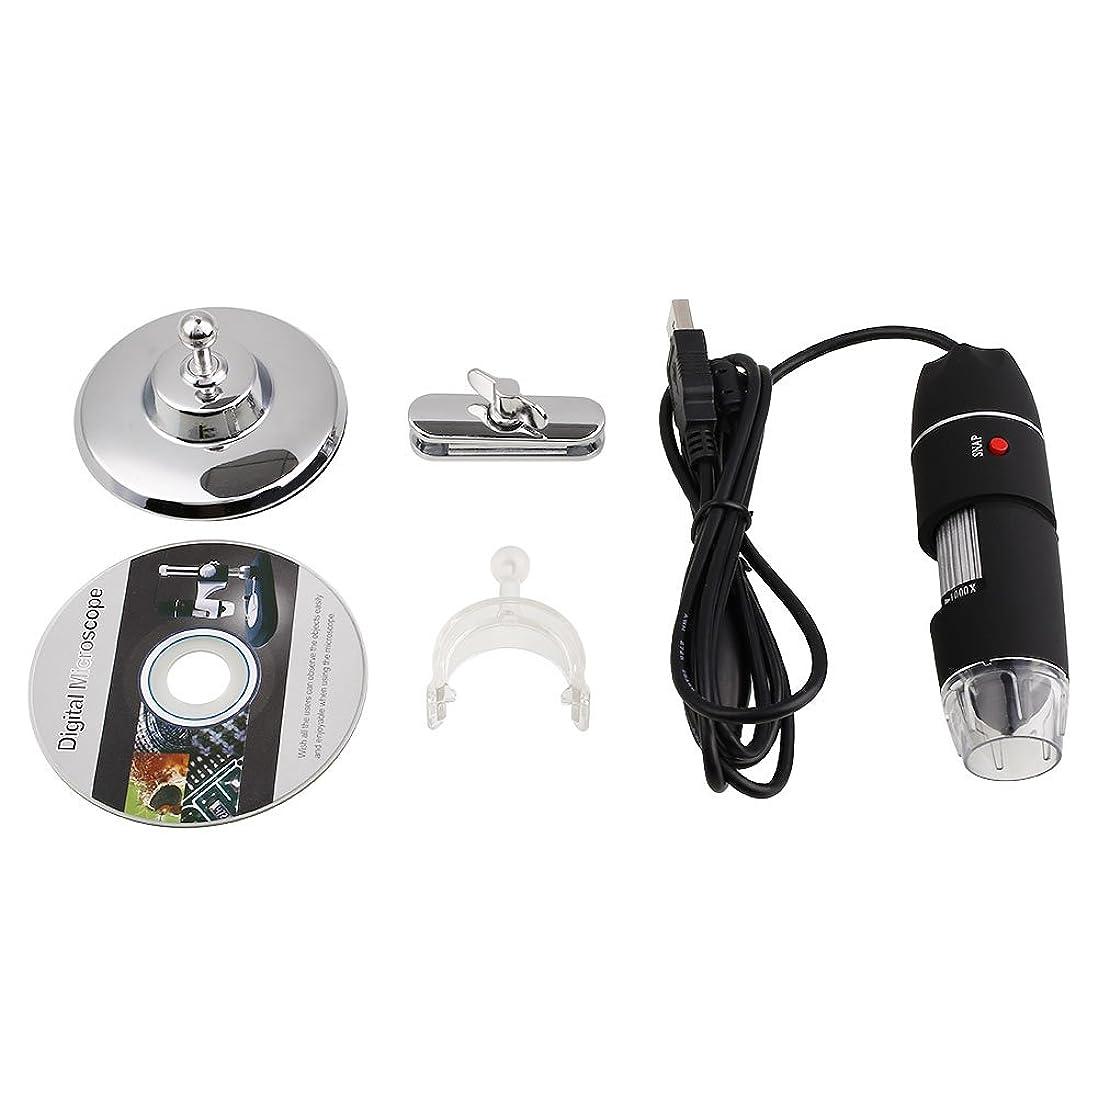 フェデレーション入札かすれたJiayuane USB 2.0デジタル顕微鏡内視鏡拡大鏡PCビデオカメラ(ビデオと画像の撮影用)